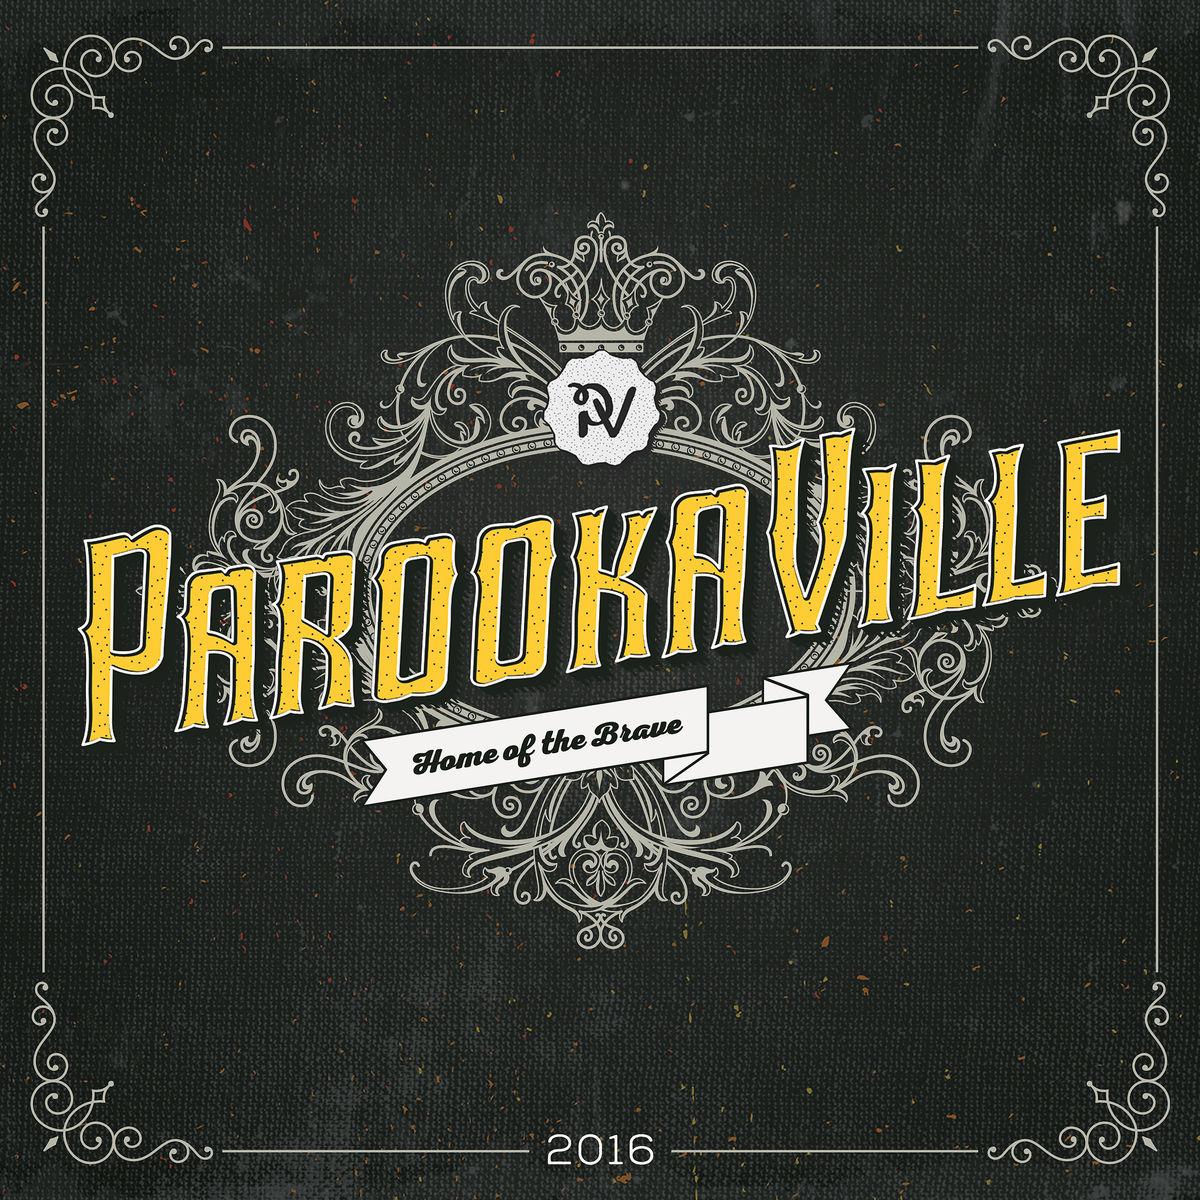 Parookaville 2016 von Various - CD jetzt im ParookaVille Shop